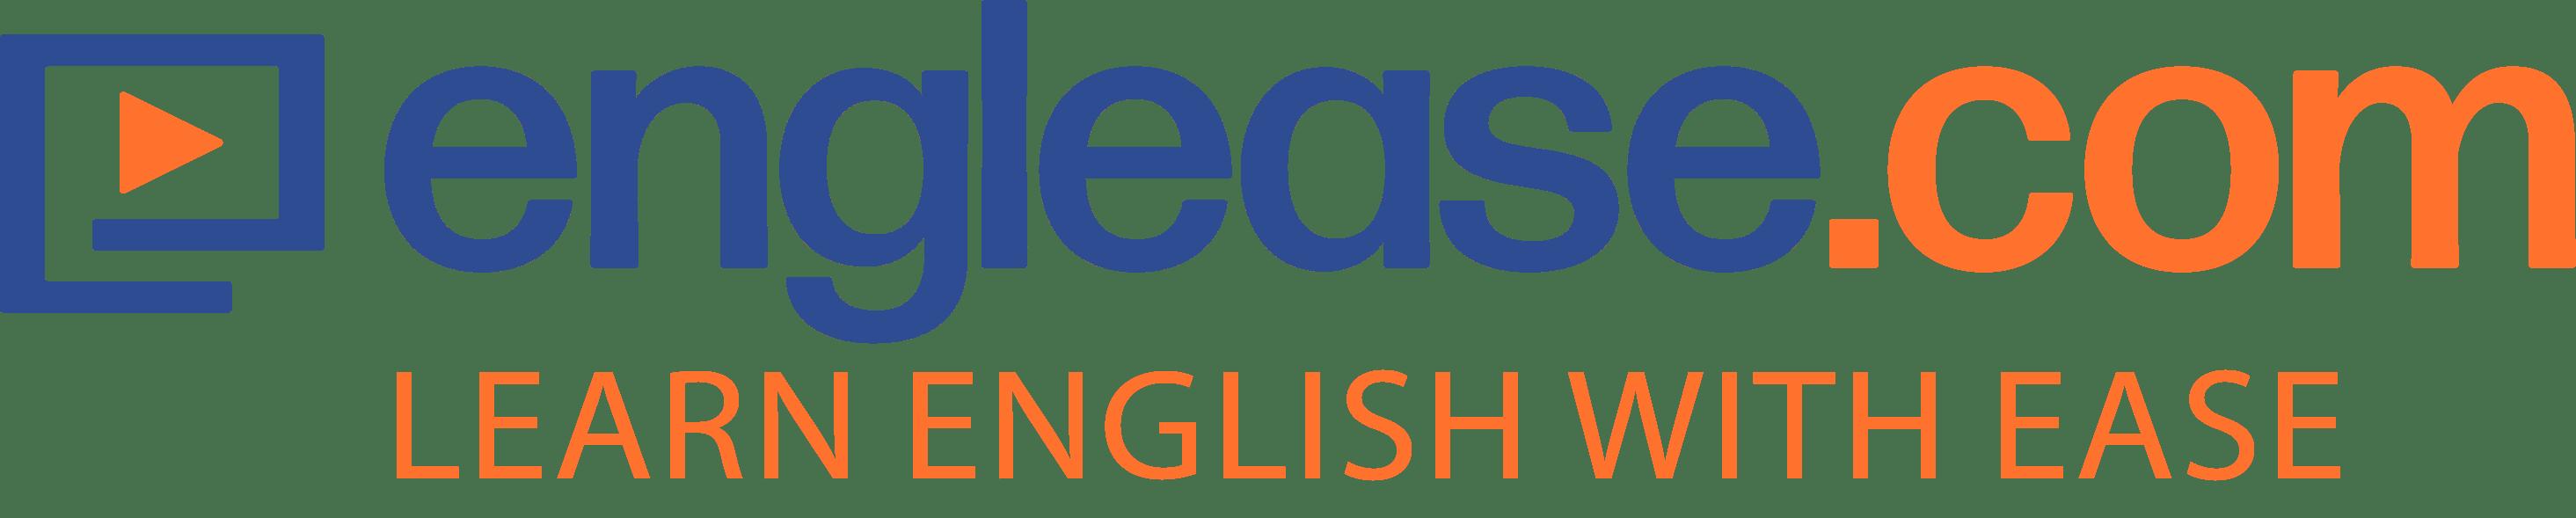 Englease.com logo